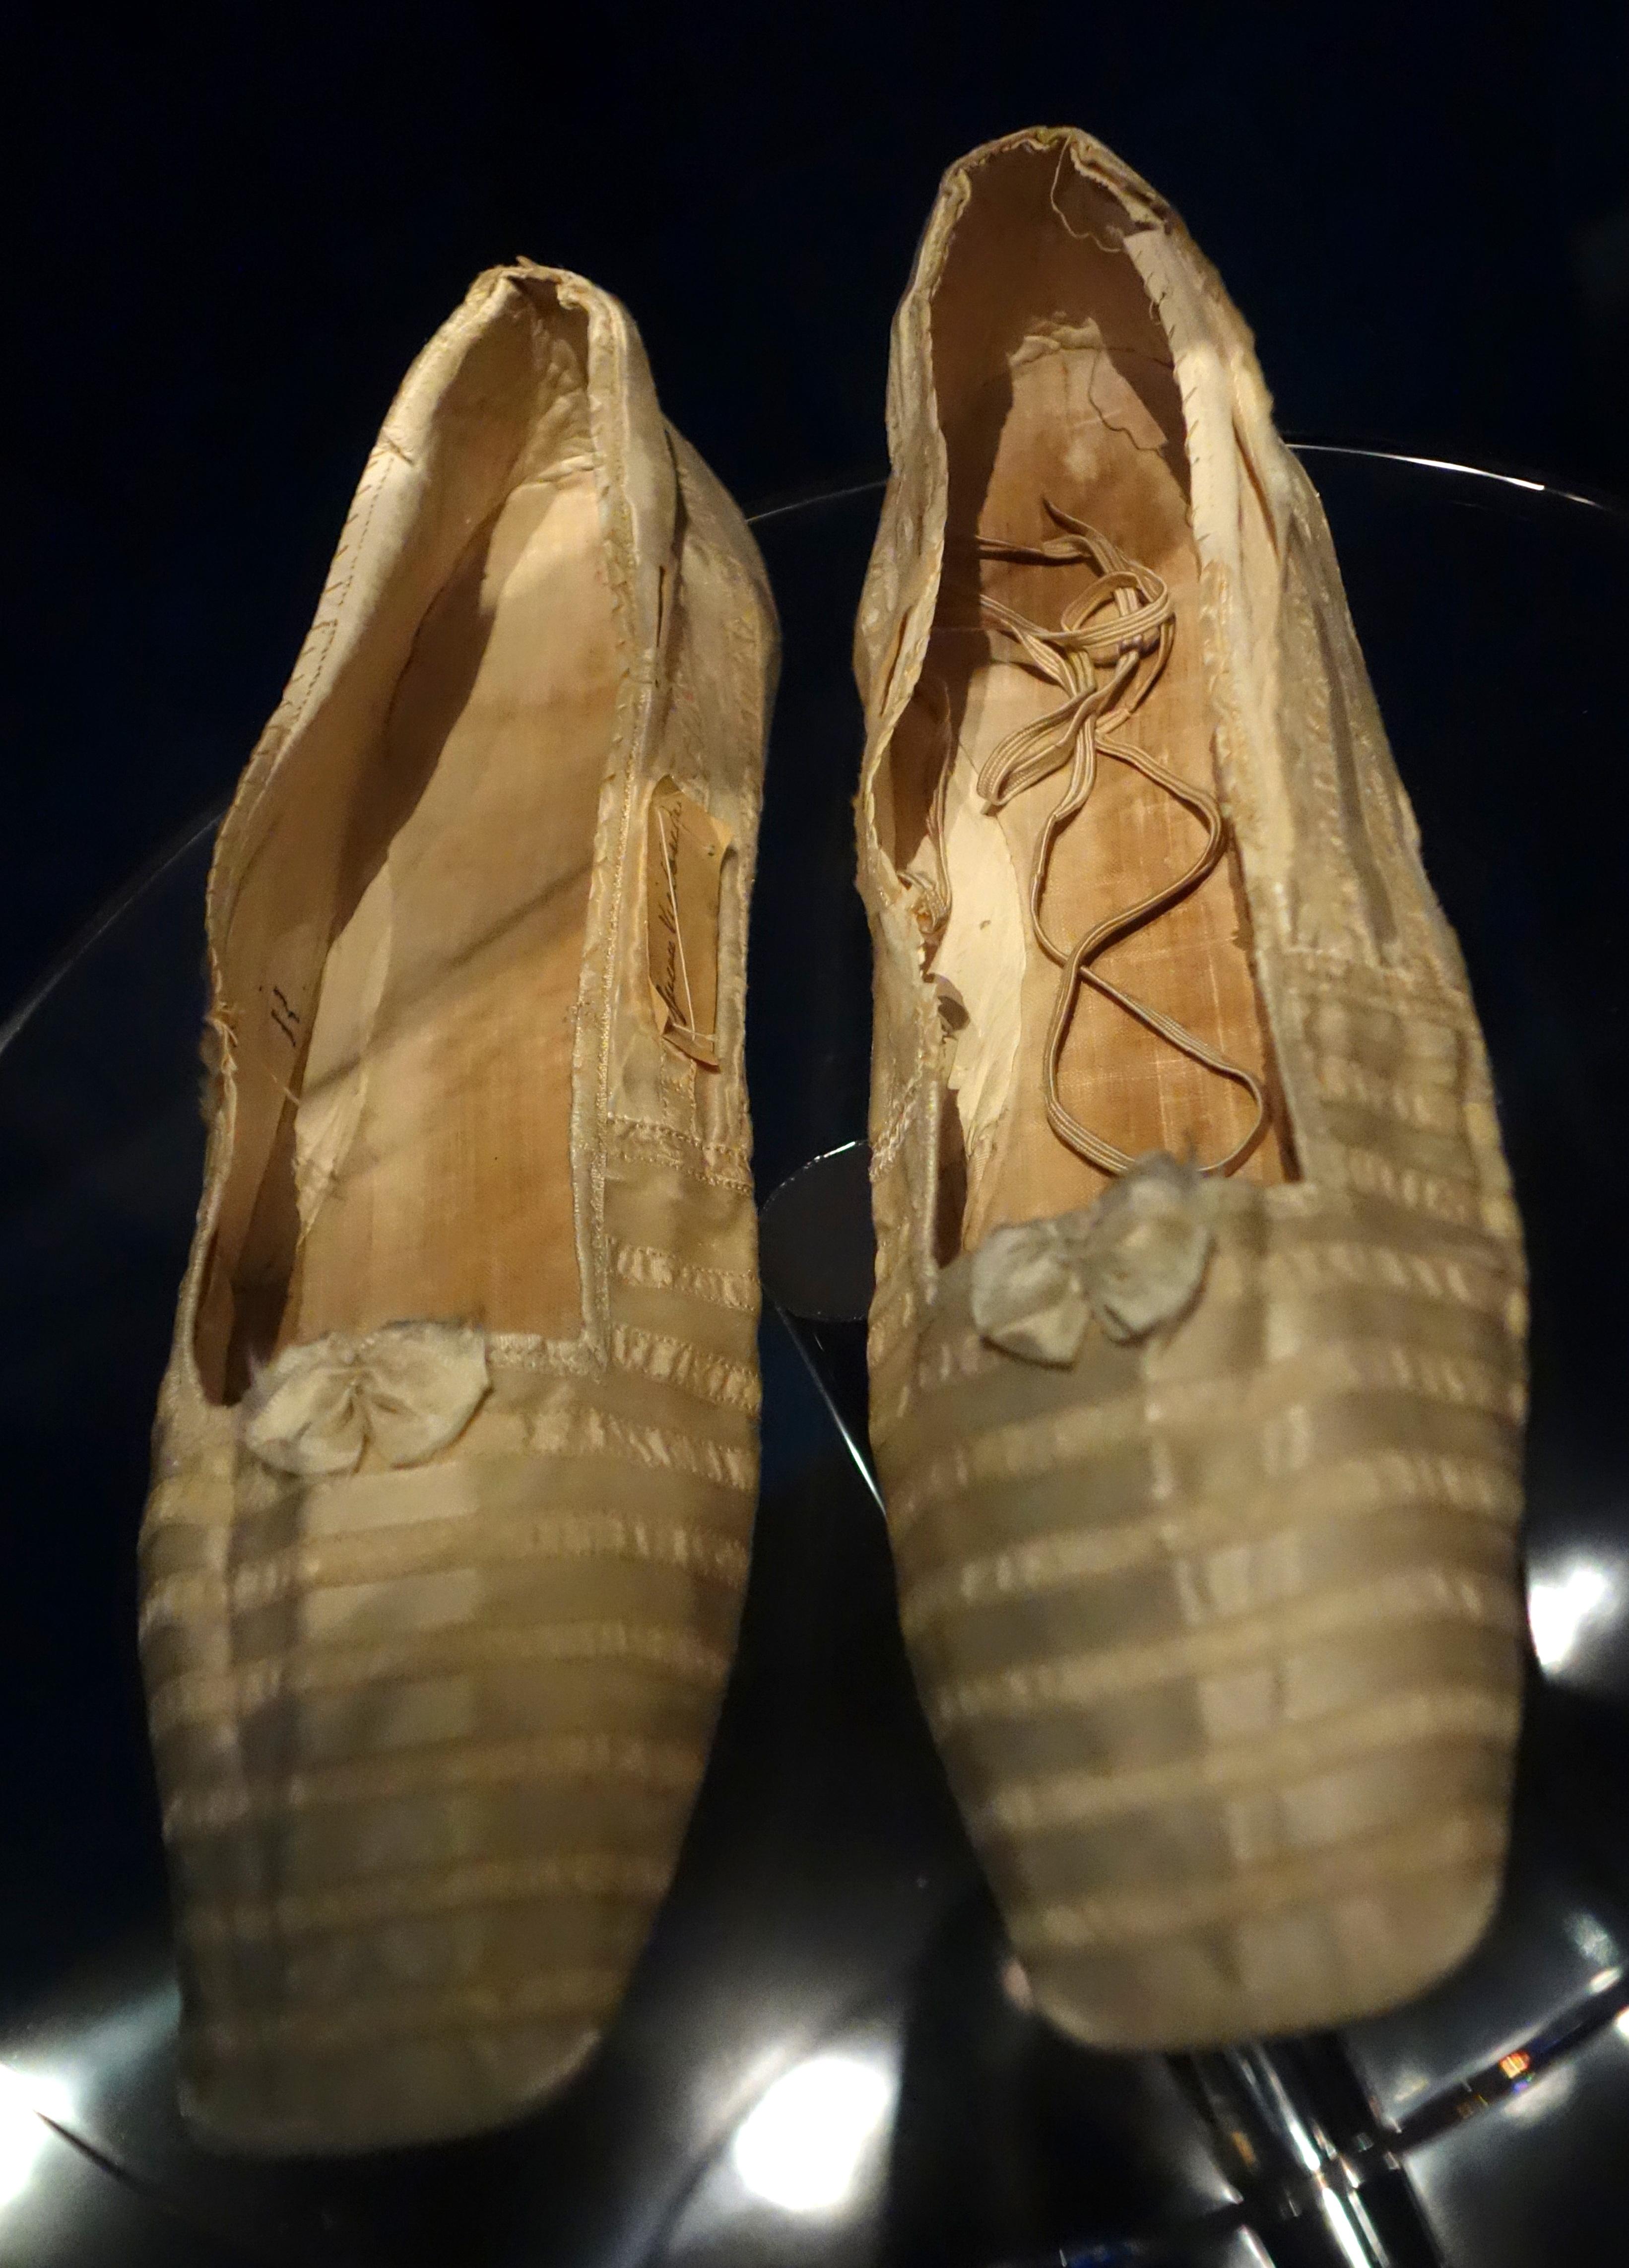 FileShoes Worn By Queen Victoria 1840 Silk Satin